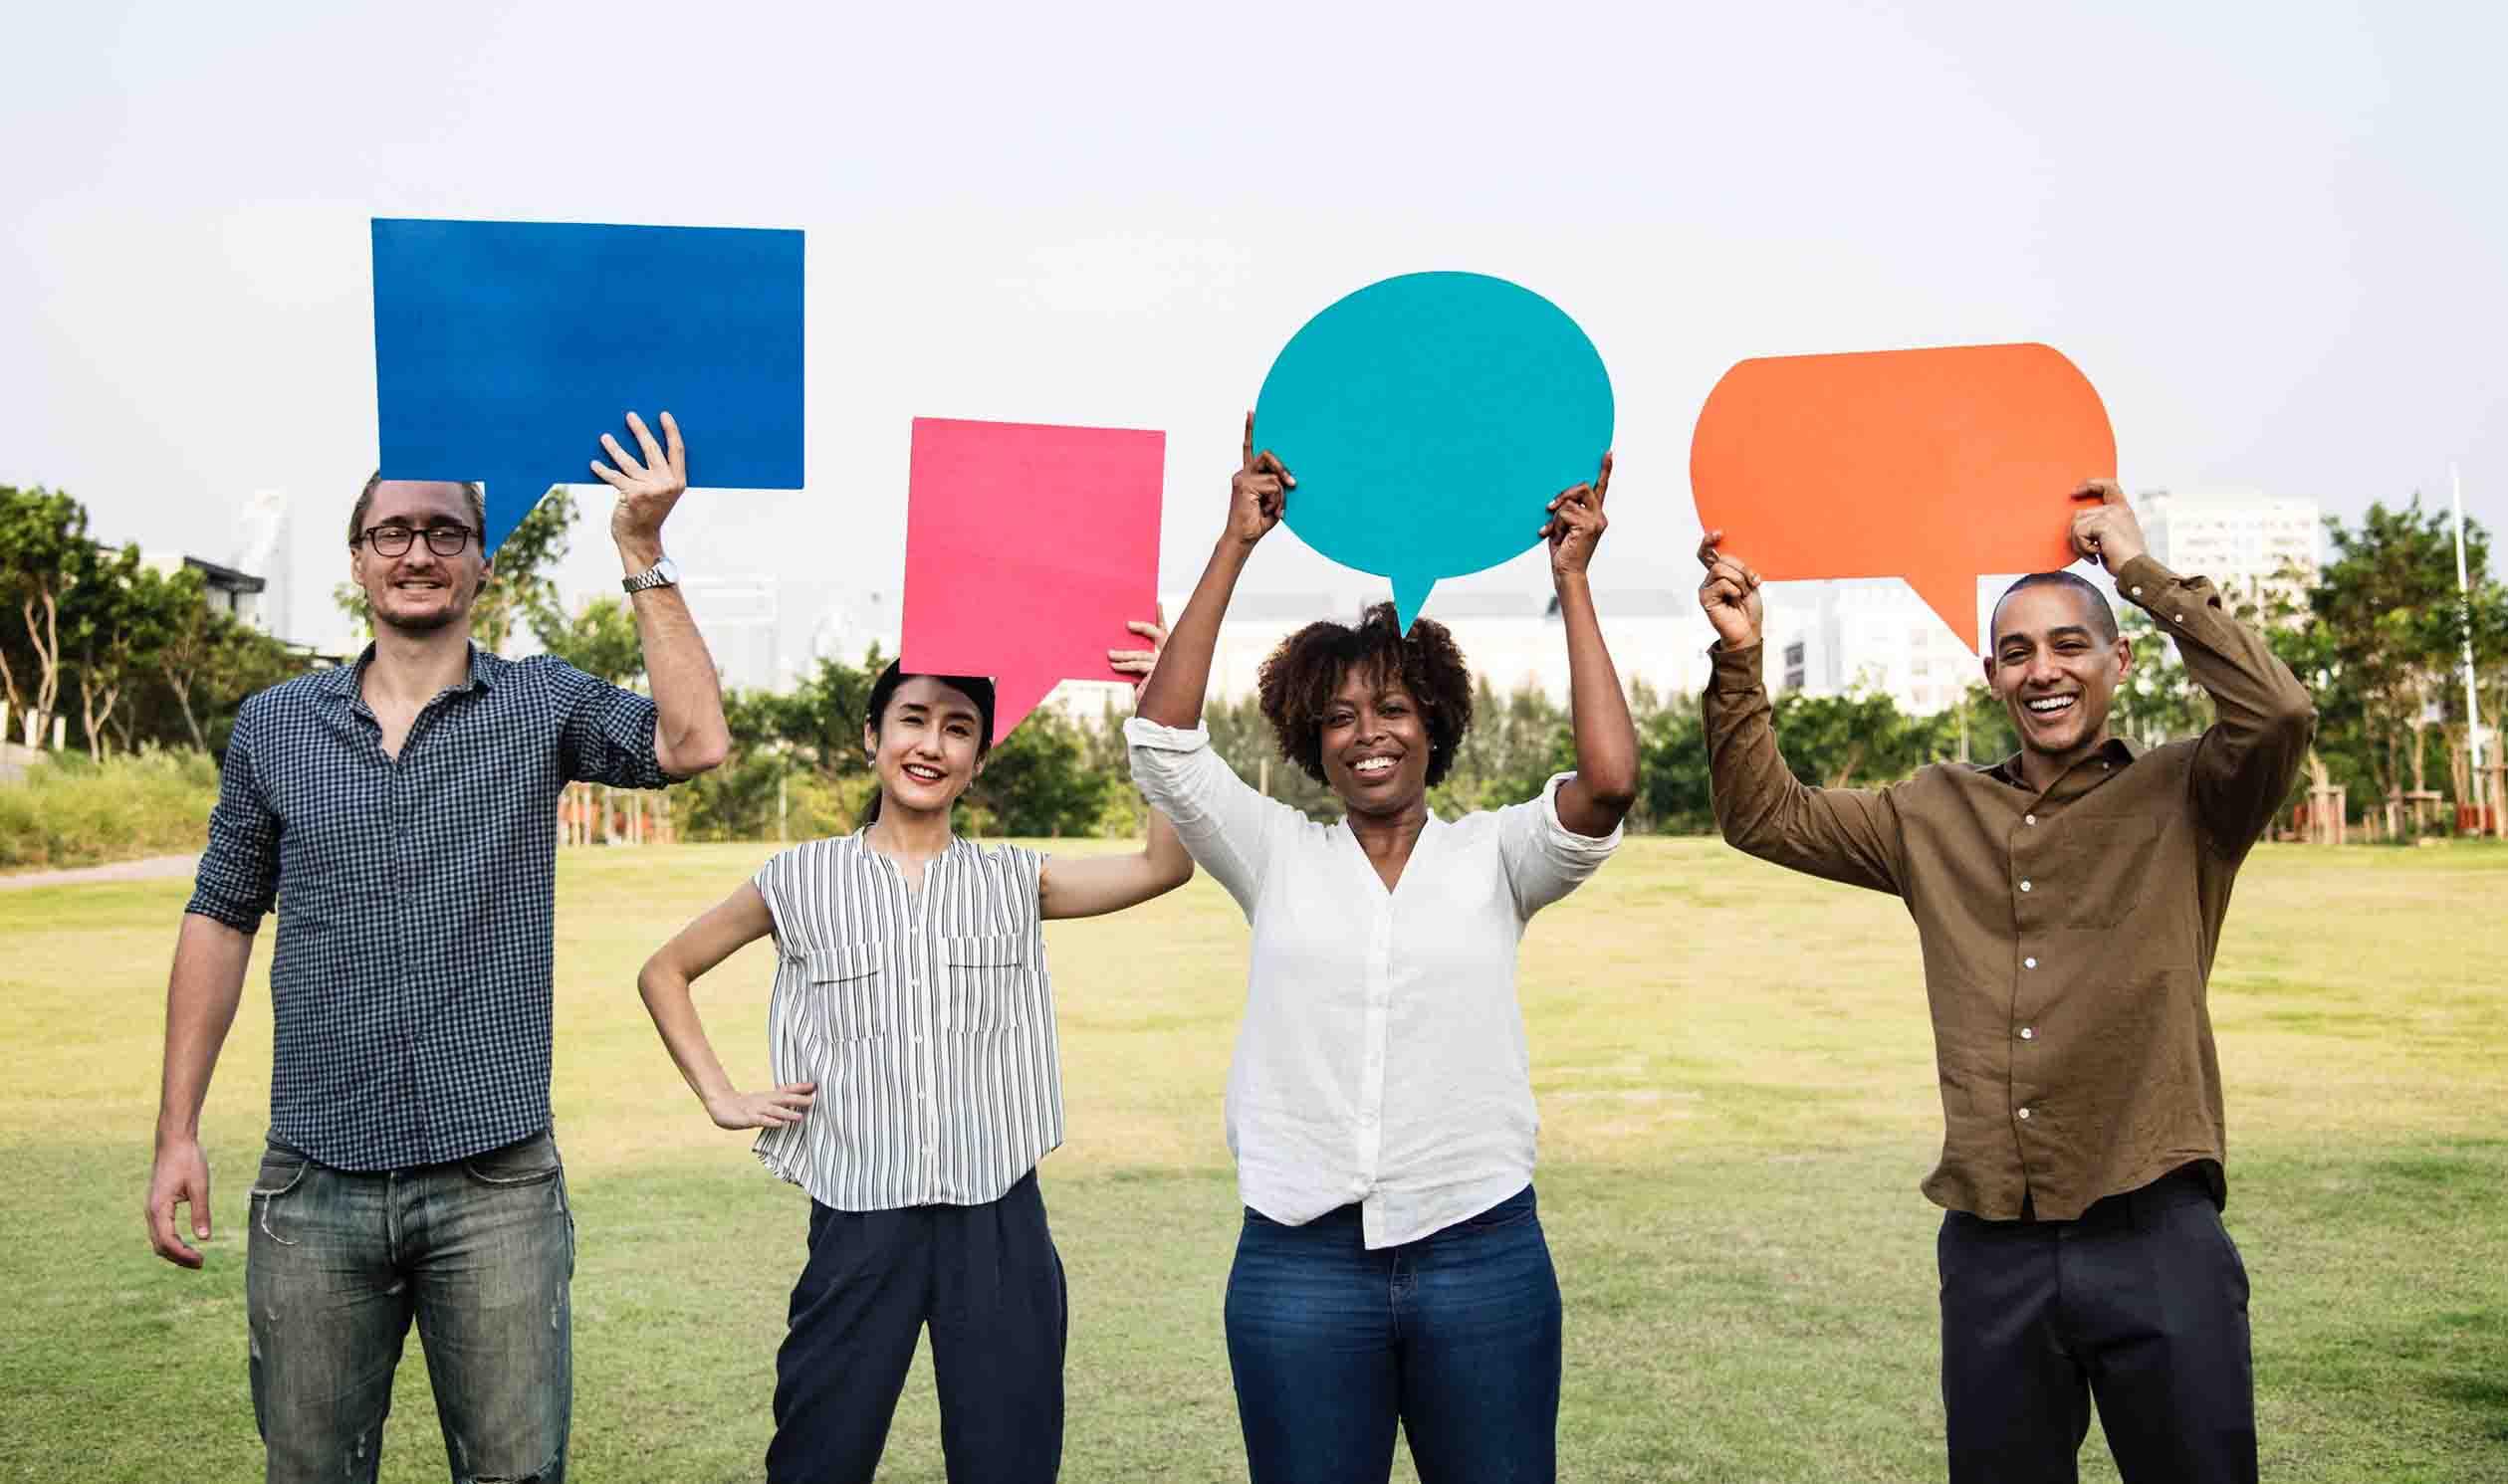 Réseaux professionnels : 5 conseils pour développer votre activité